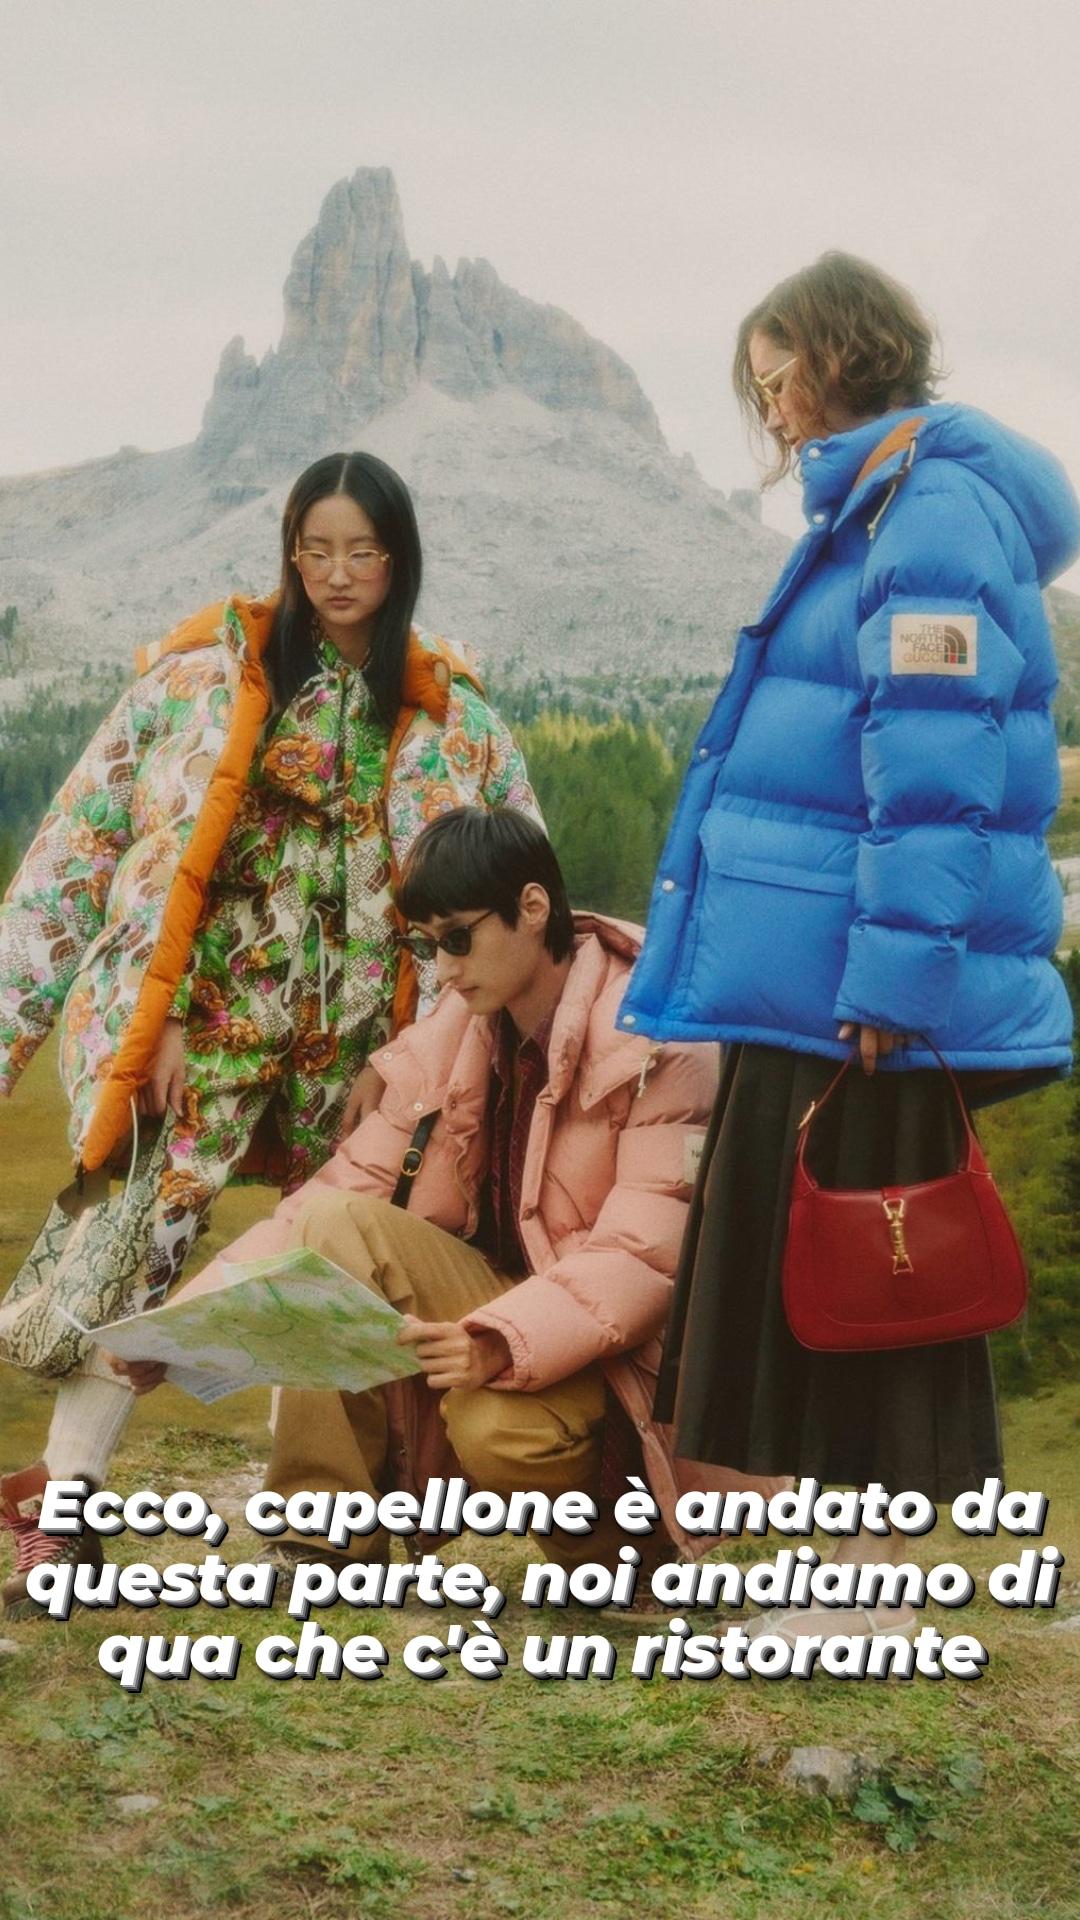 North Face x Gucci